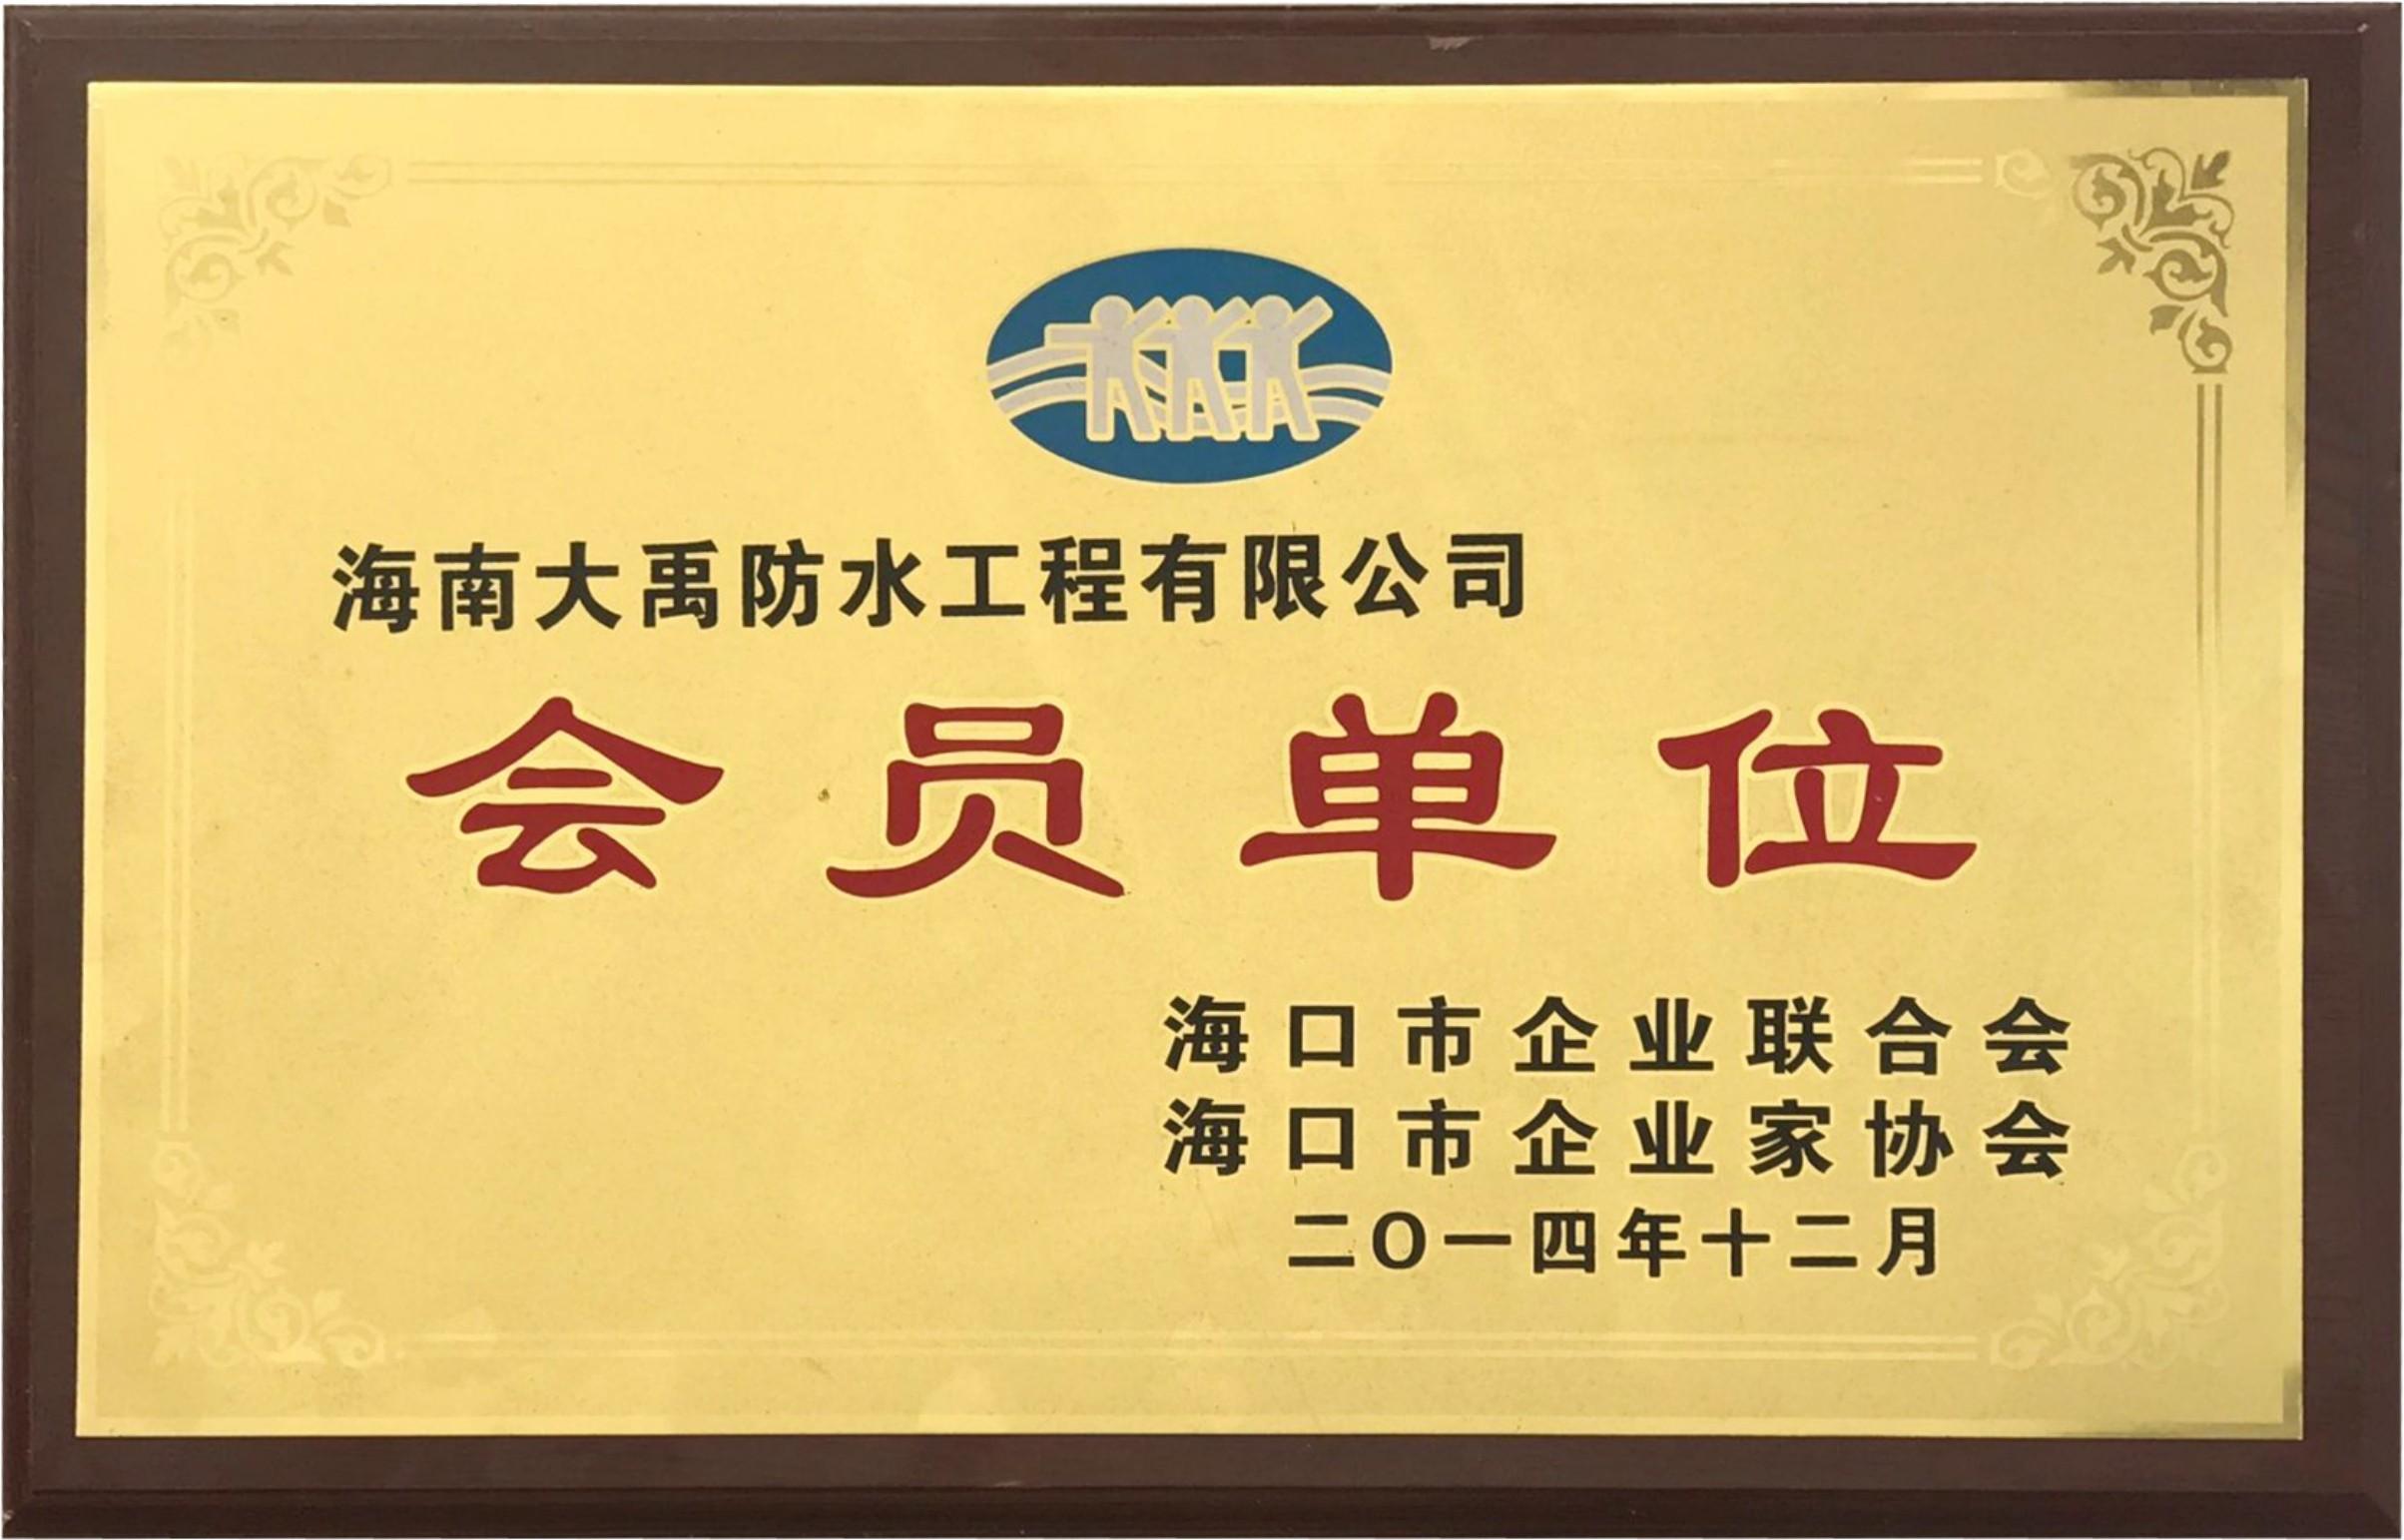 海口市企业联合会会员单位